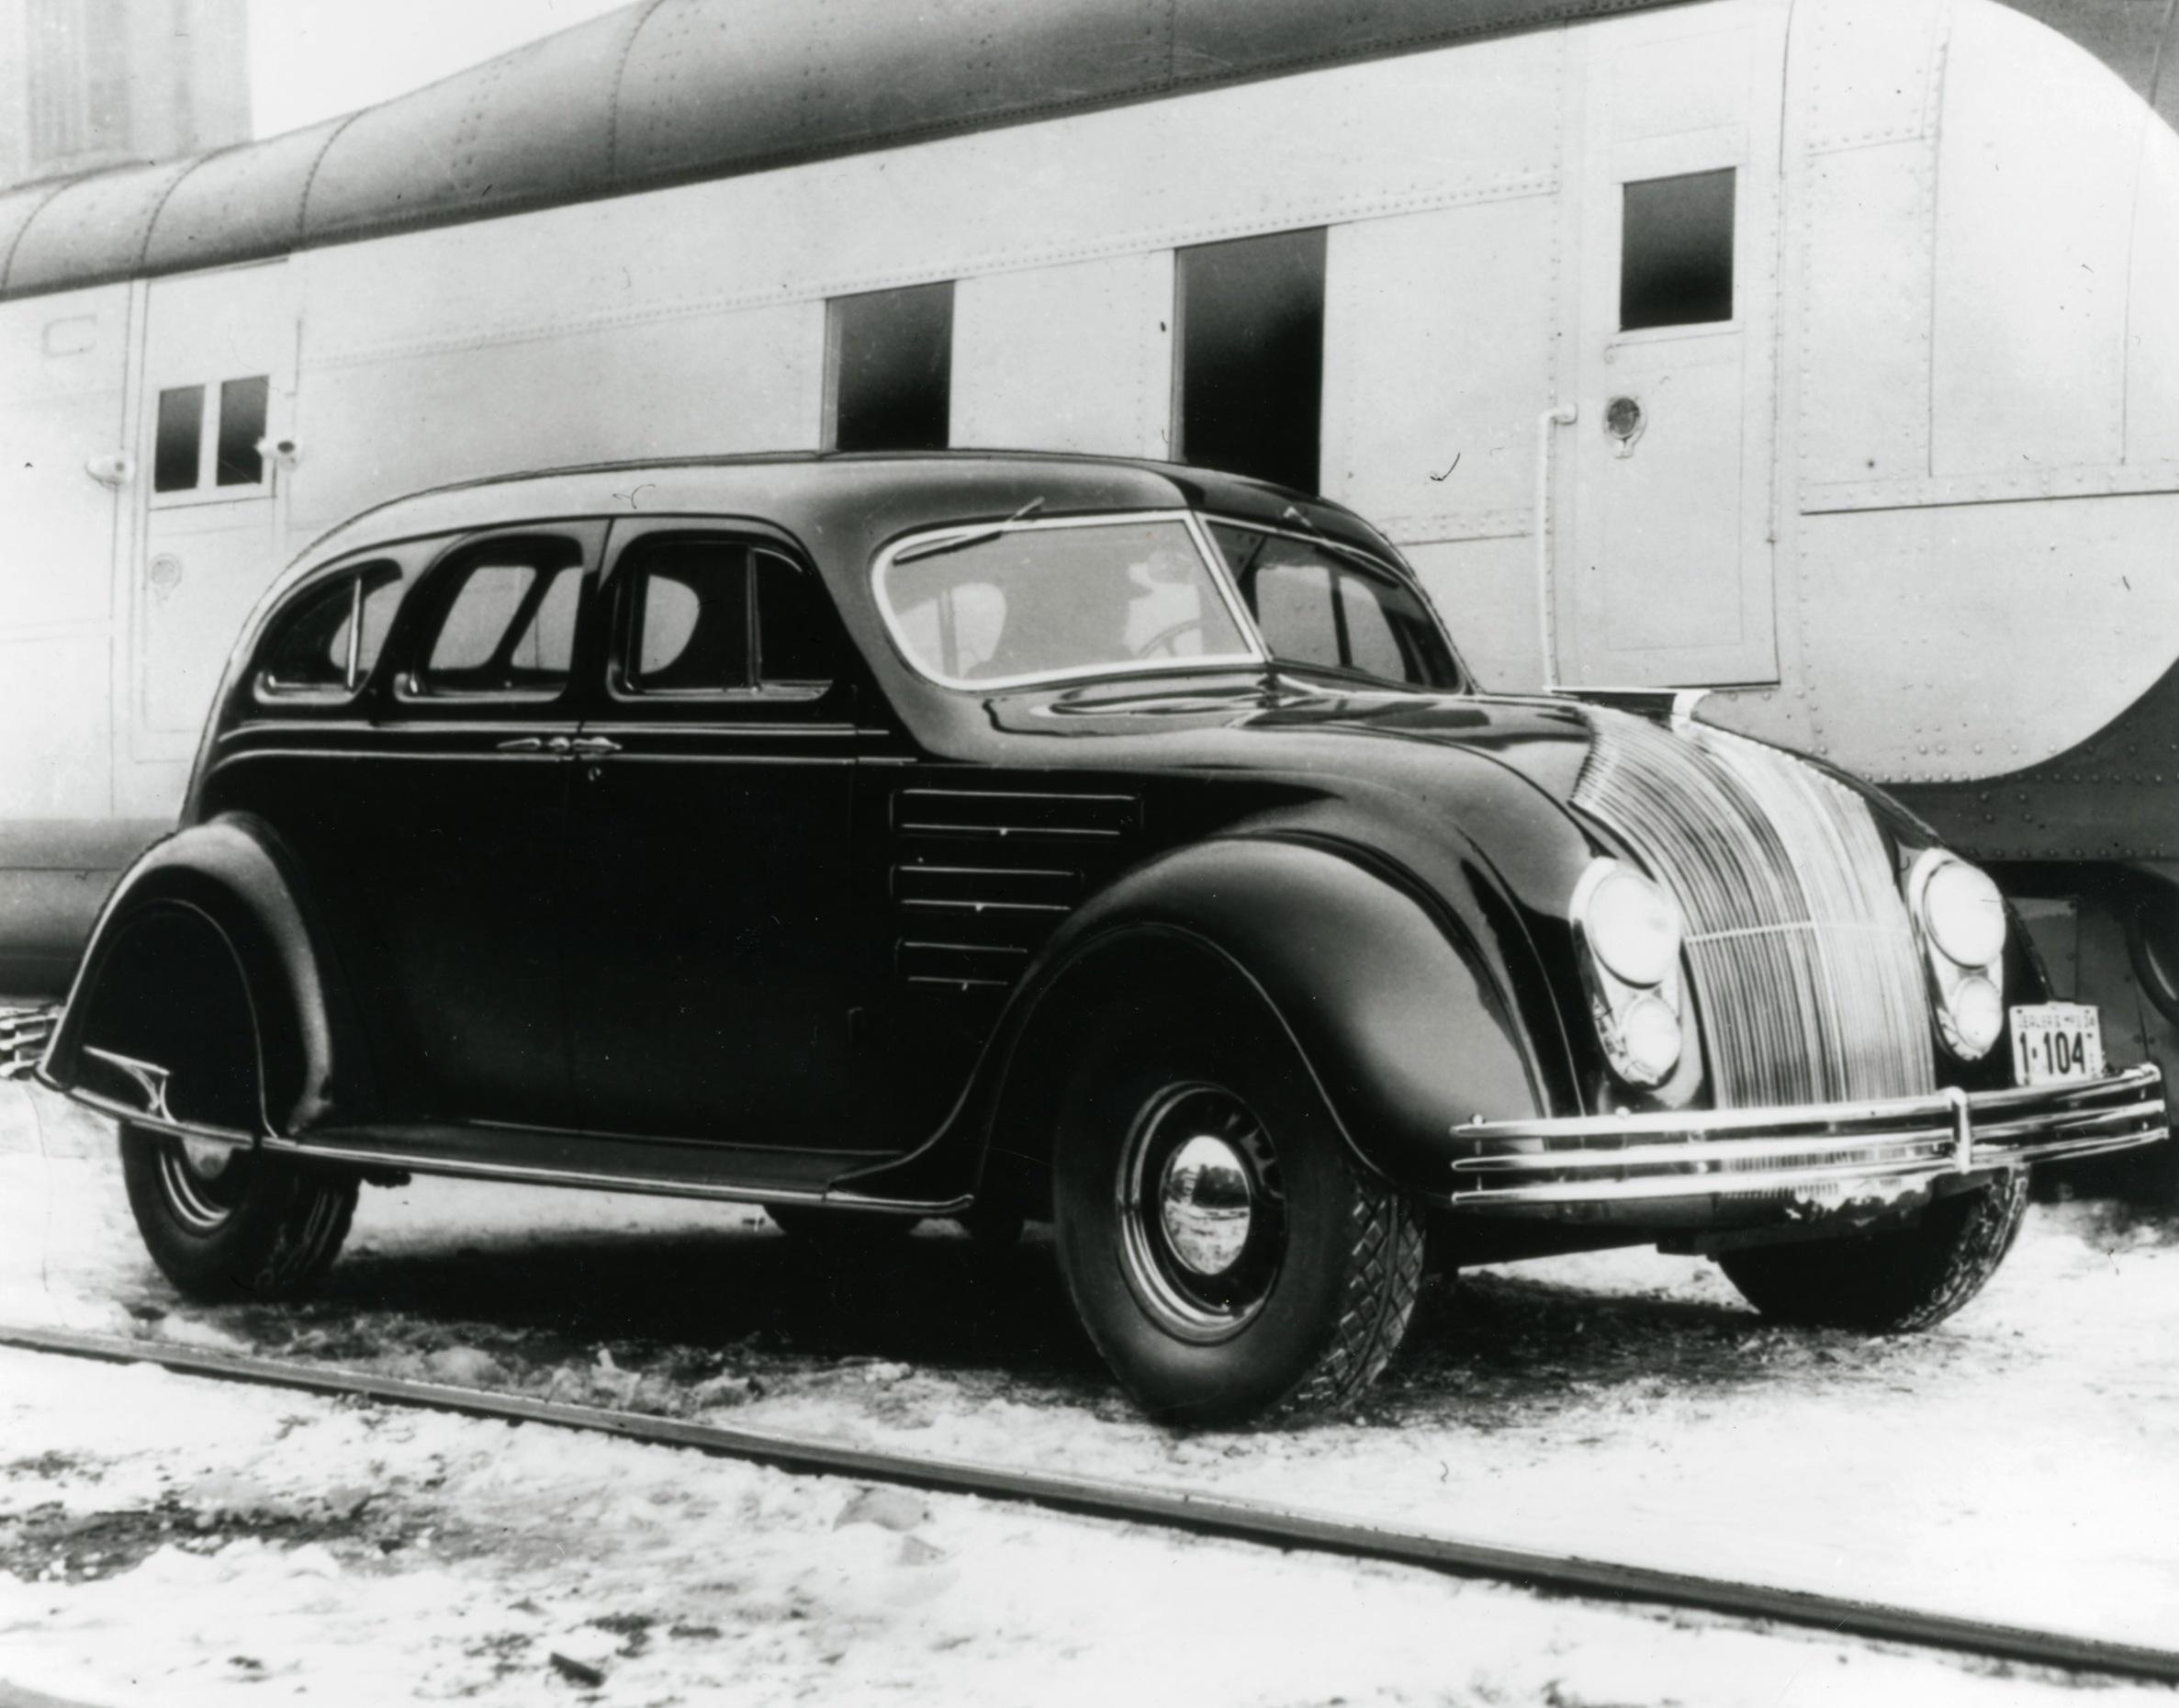 รถยนต์ ดีไซน์ ออกแบบ รถ เหลี่ยม โค้ง มน เปลี่ยน ทำไม boxy tesla cybertruck